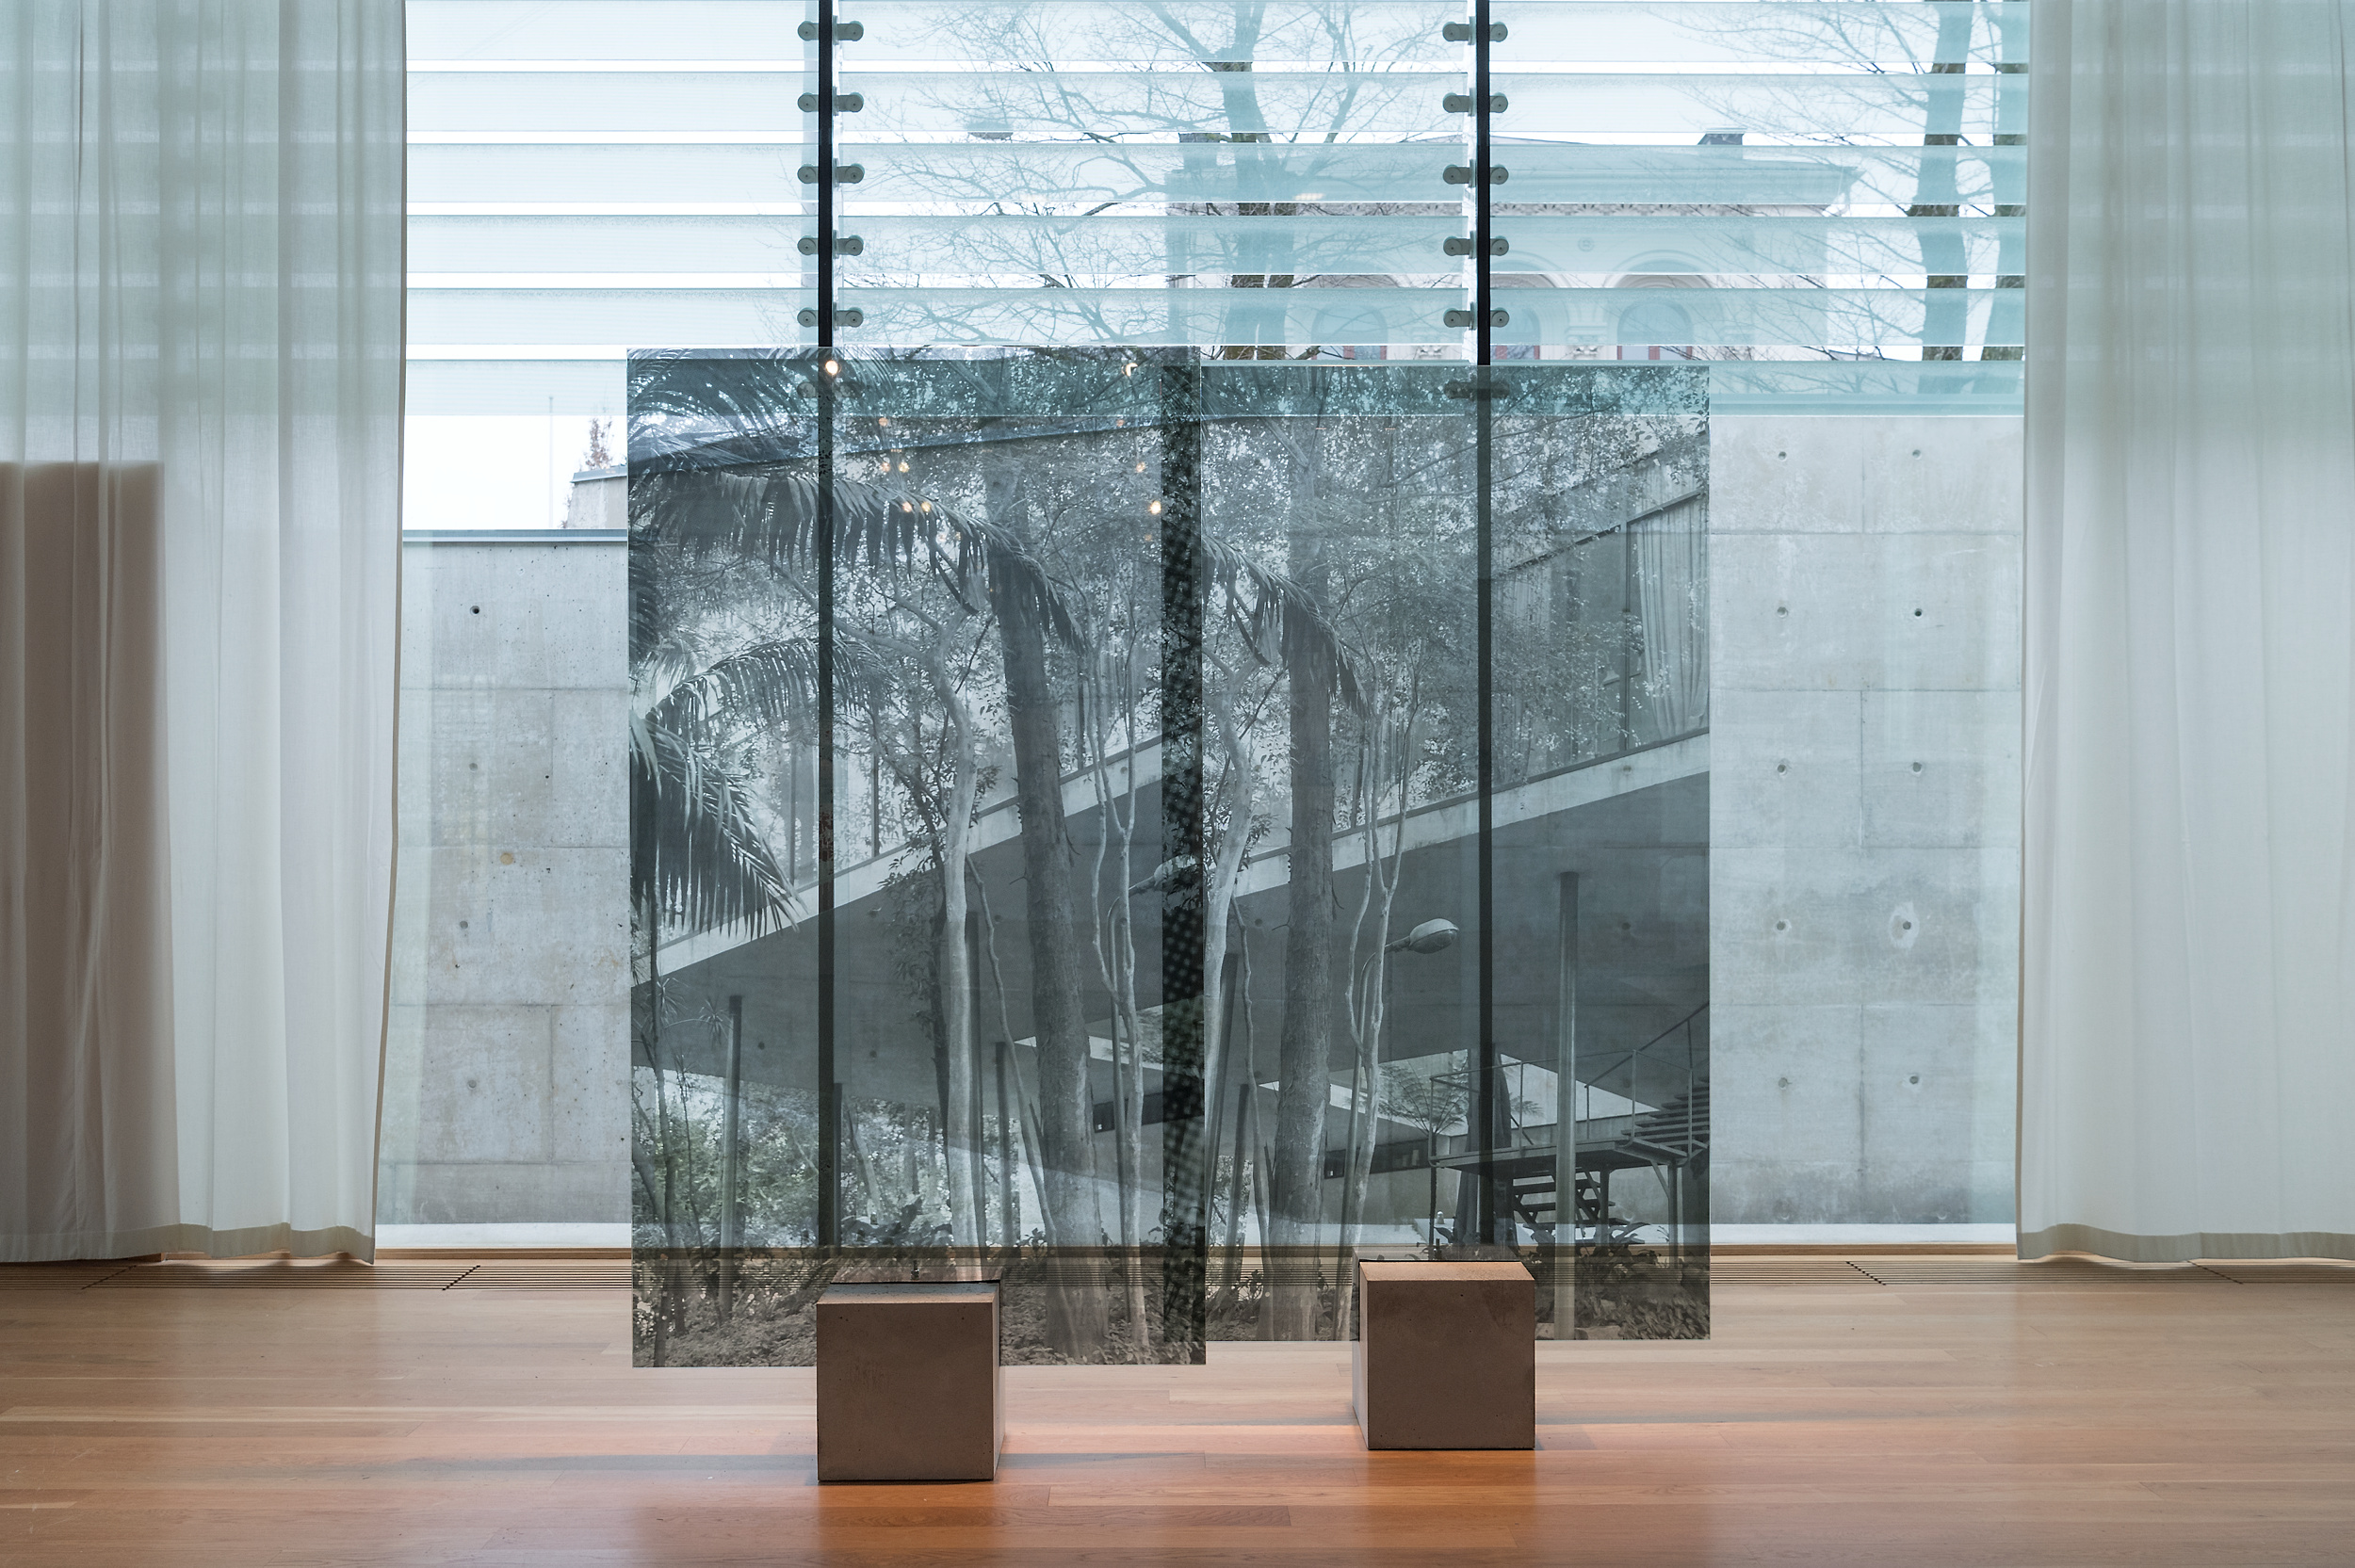 Casa de Vidro. Lina Bo Bardi i dialog med Sverre Fehn - Pressebilder 01.jpg